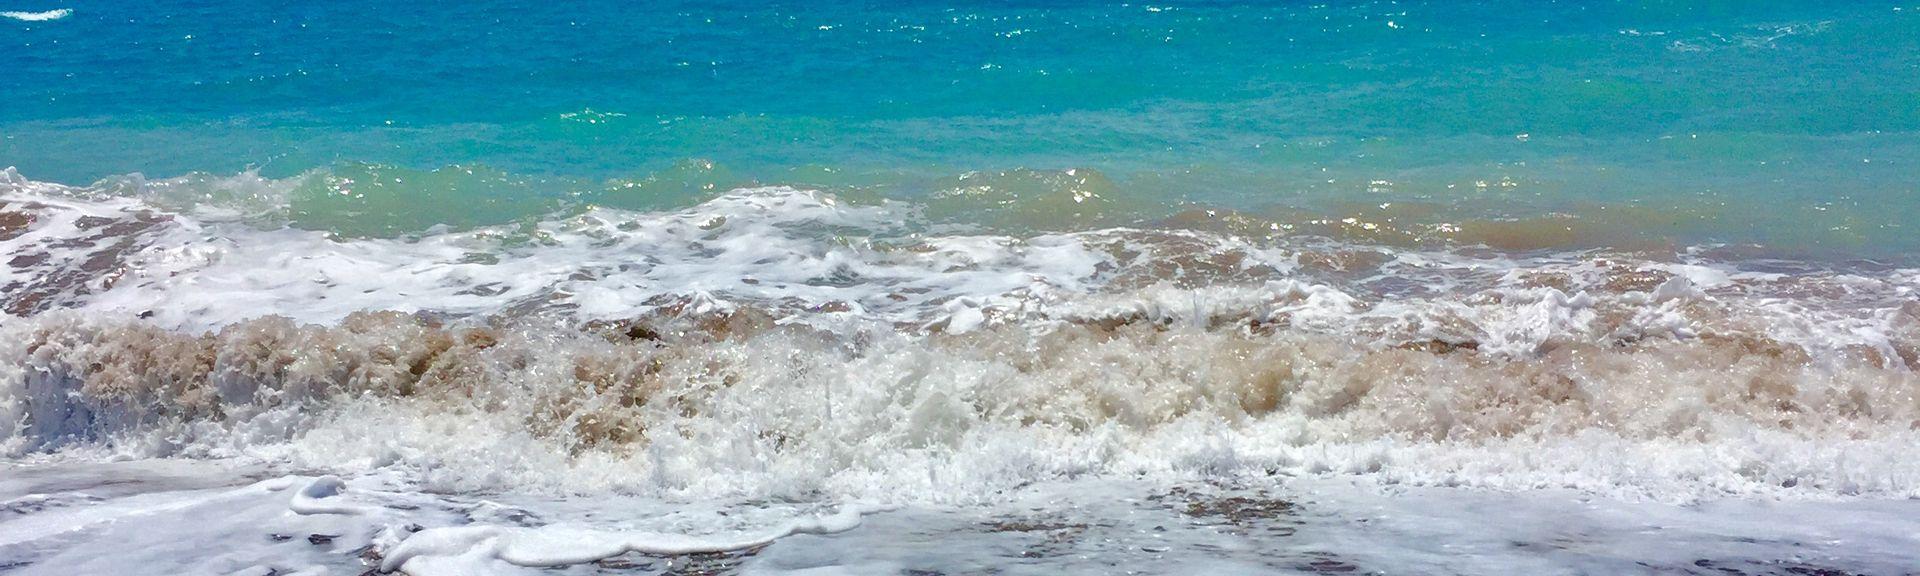 Παραλία Περβόλια, Περβόλια, Λάρνακα, Κύπρος